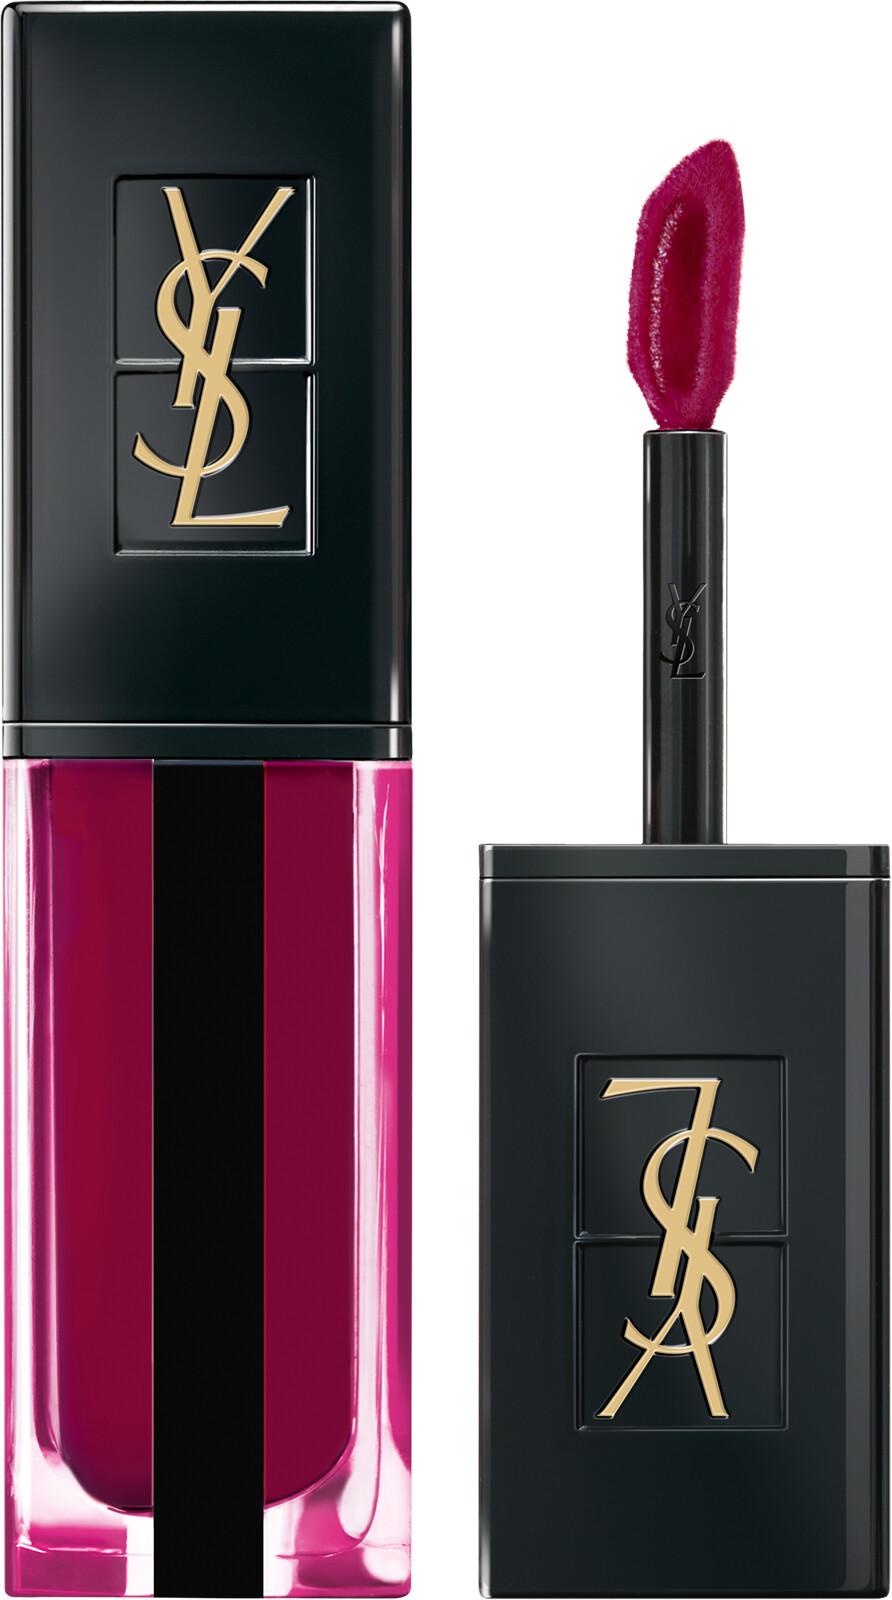 Yves Saint Laurent Vernis a Levres Water Lip Stain 6ml 613 - Cascade Bordeaux